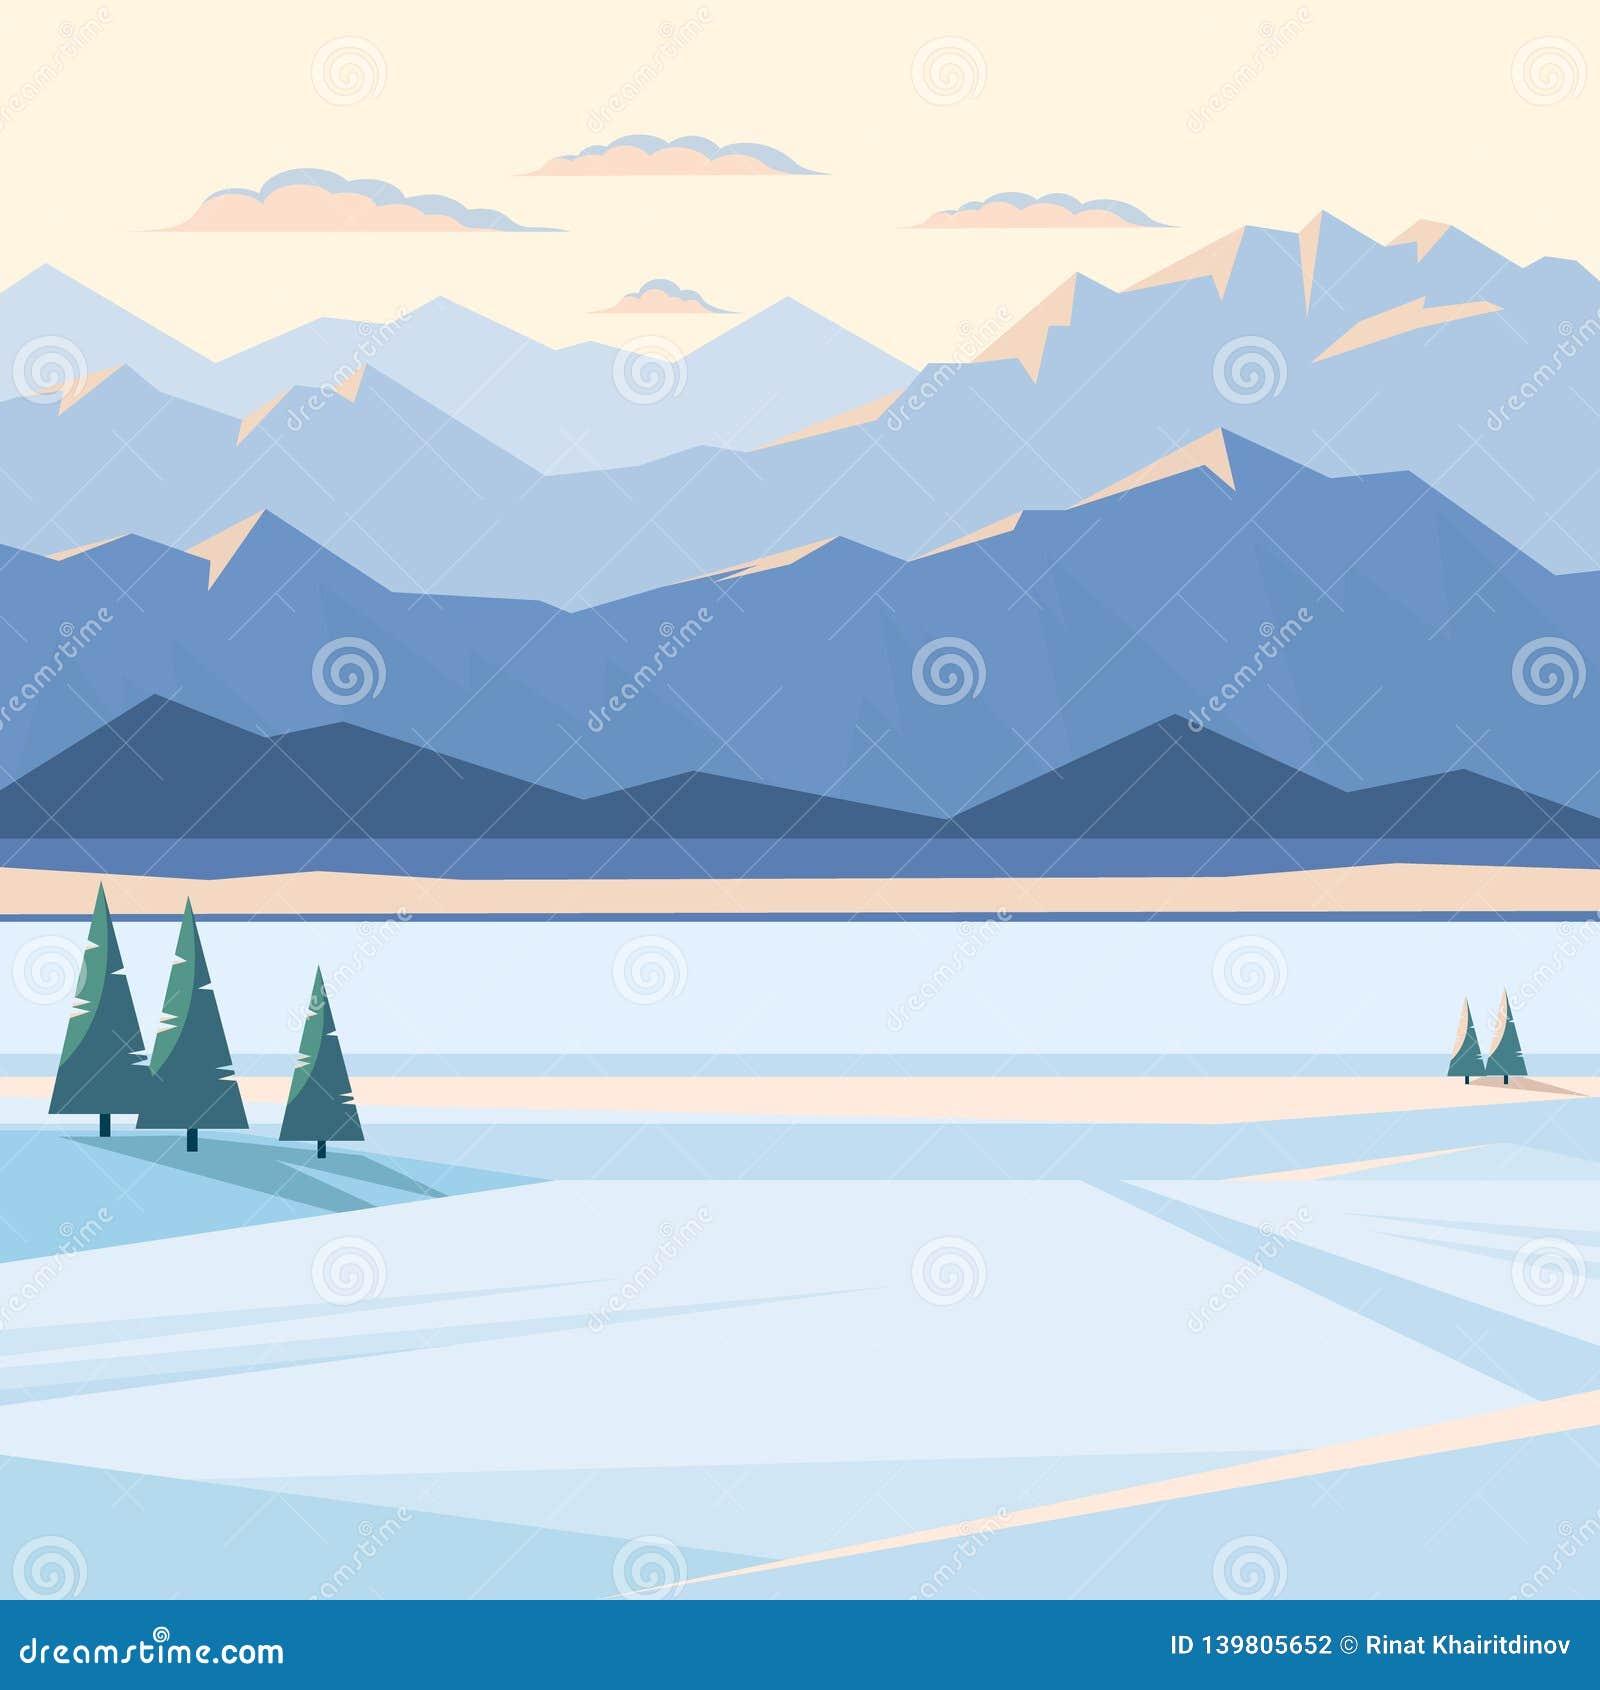 Winterberglandschaft mit Schnee und belichteten Bergspitzen, Fluss, Tannenbaum, Ebene, Sonnenuntergang